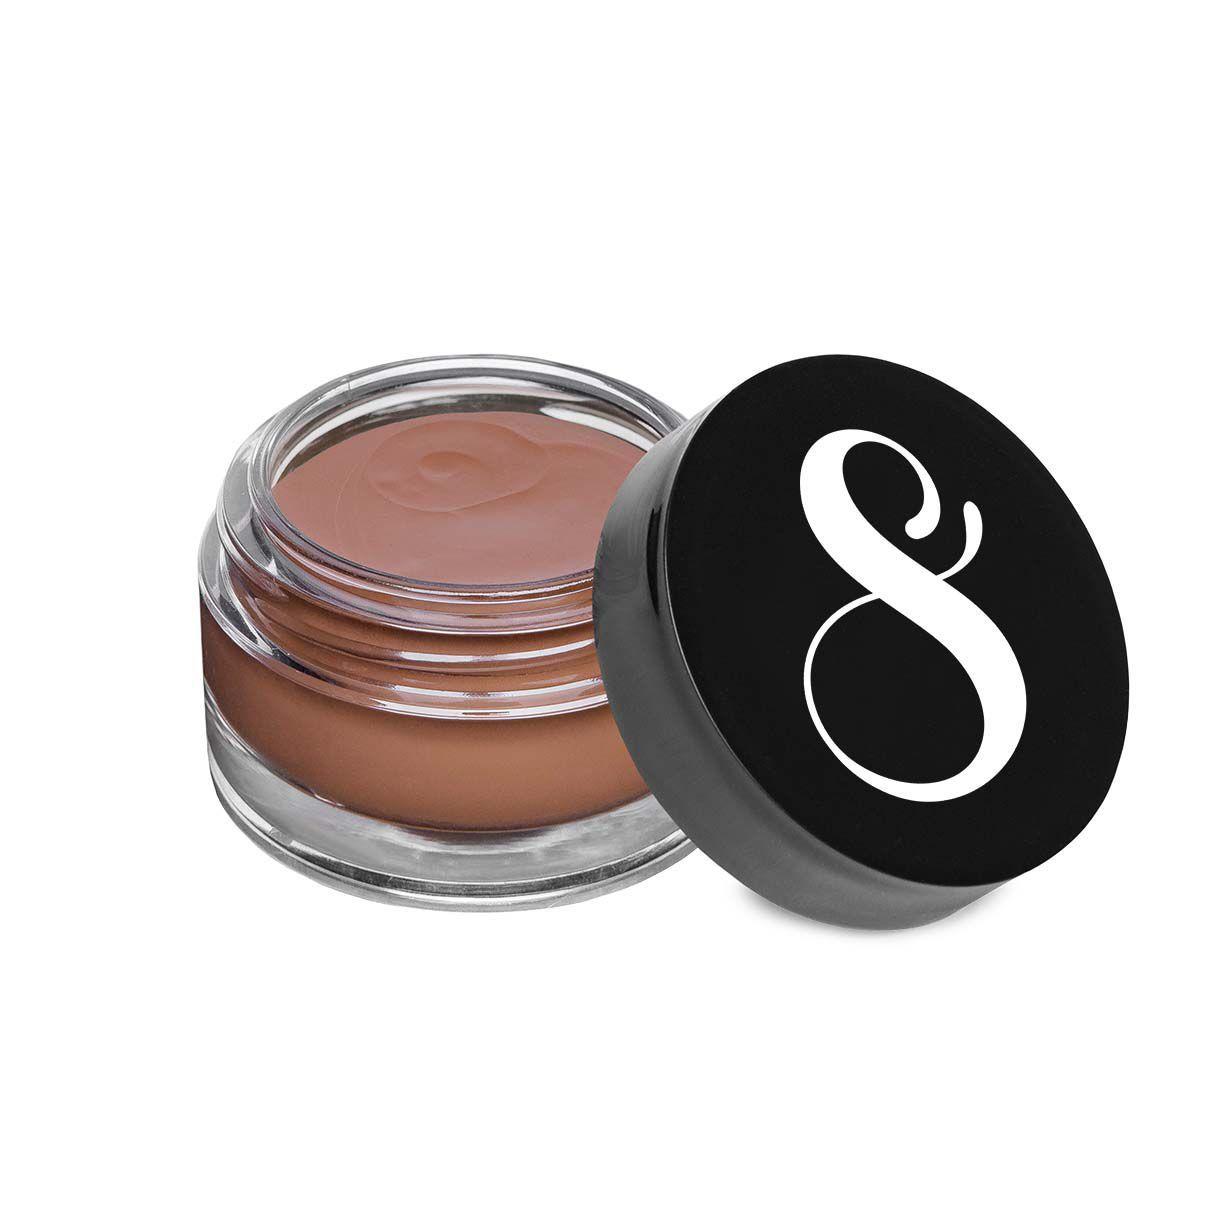 Corretivo de Alta Cobertura Suelen Makeup SM04